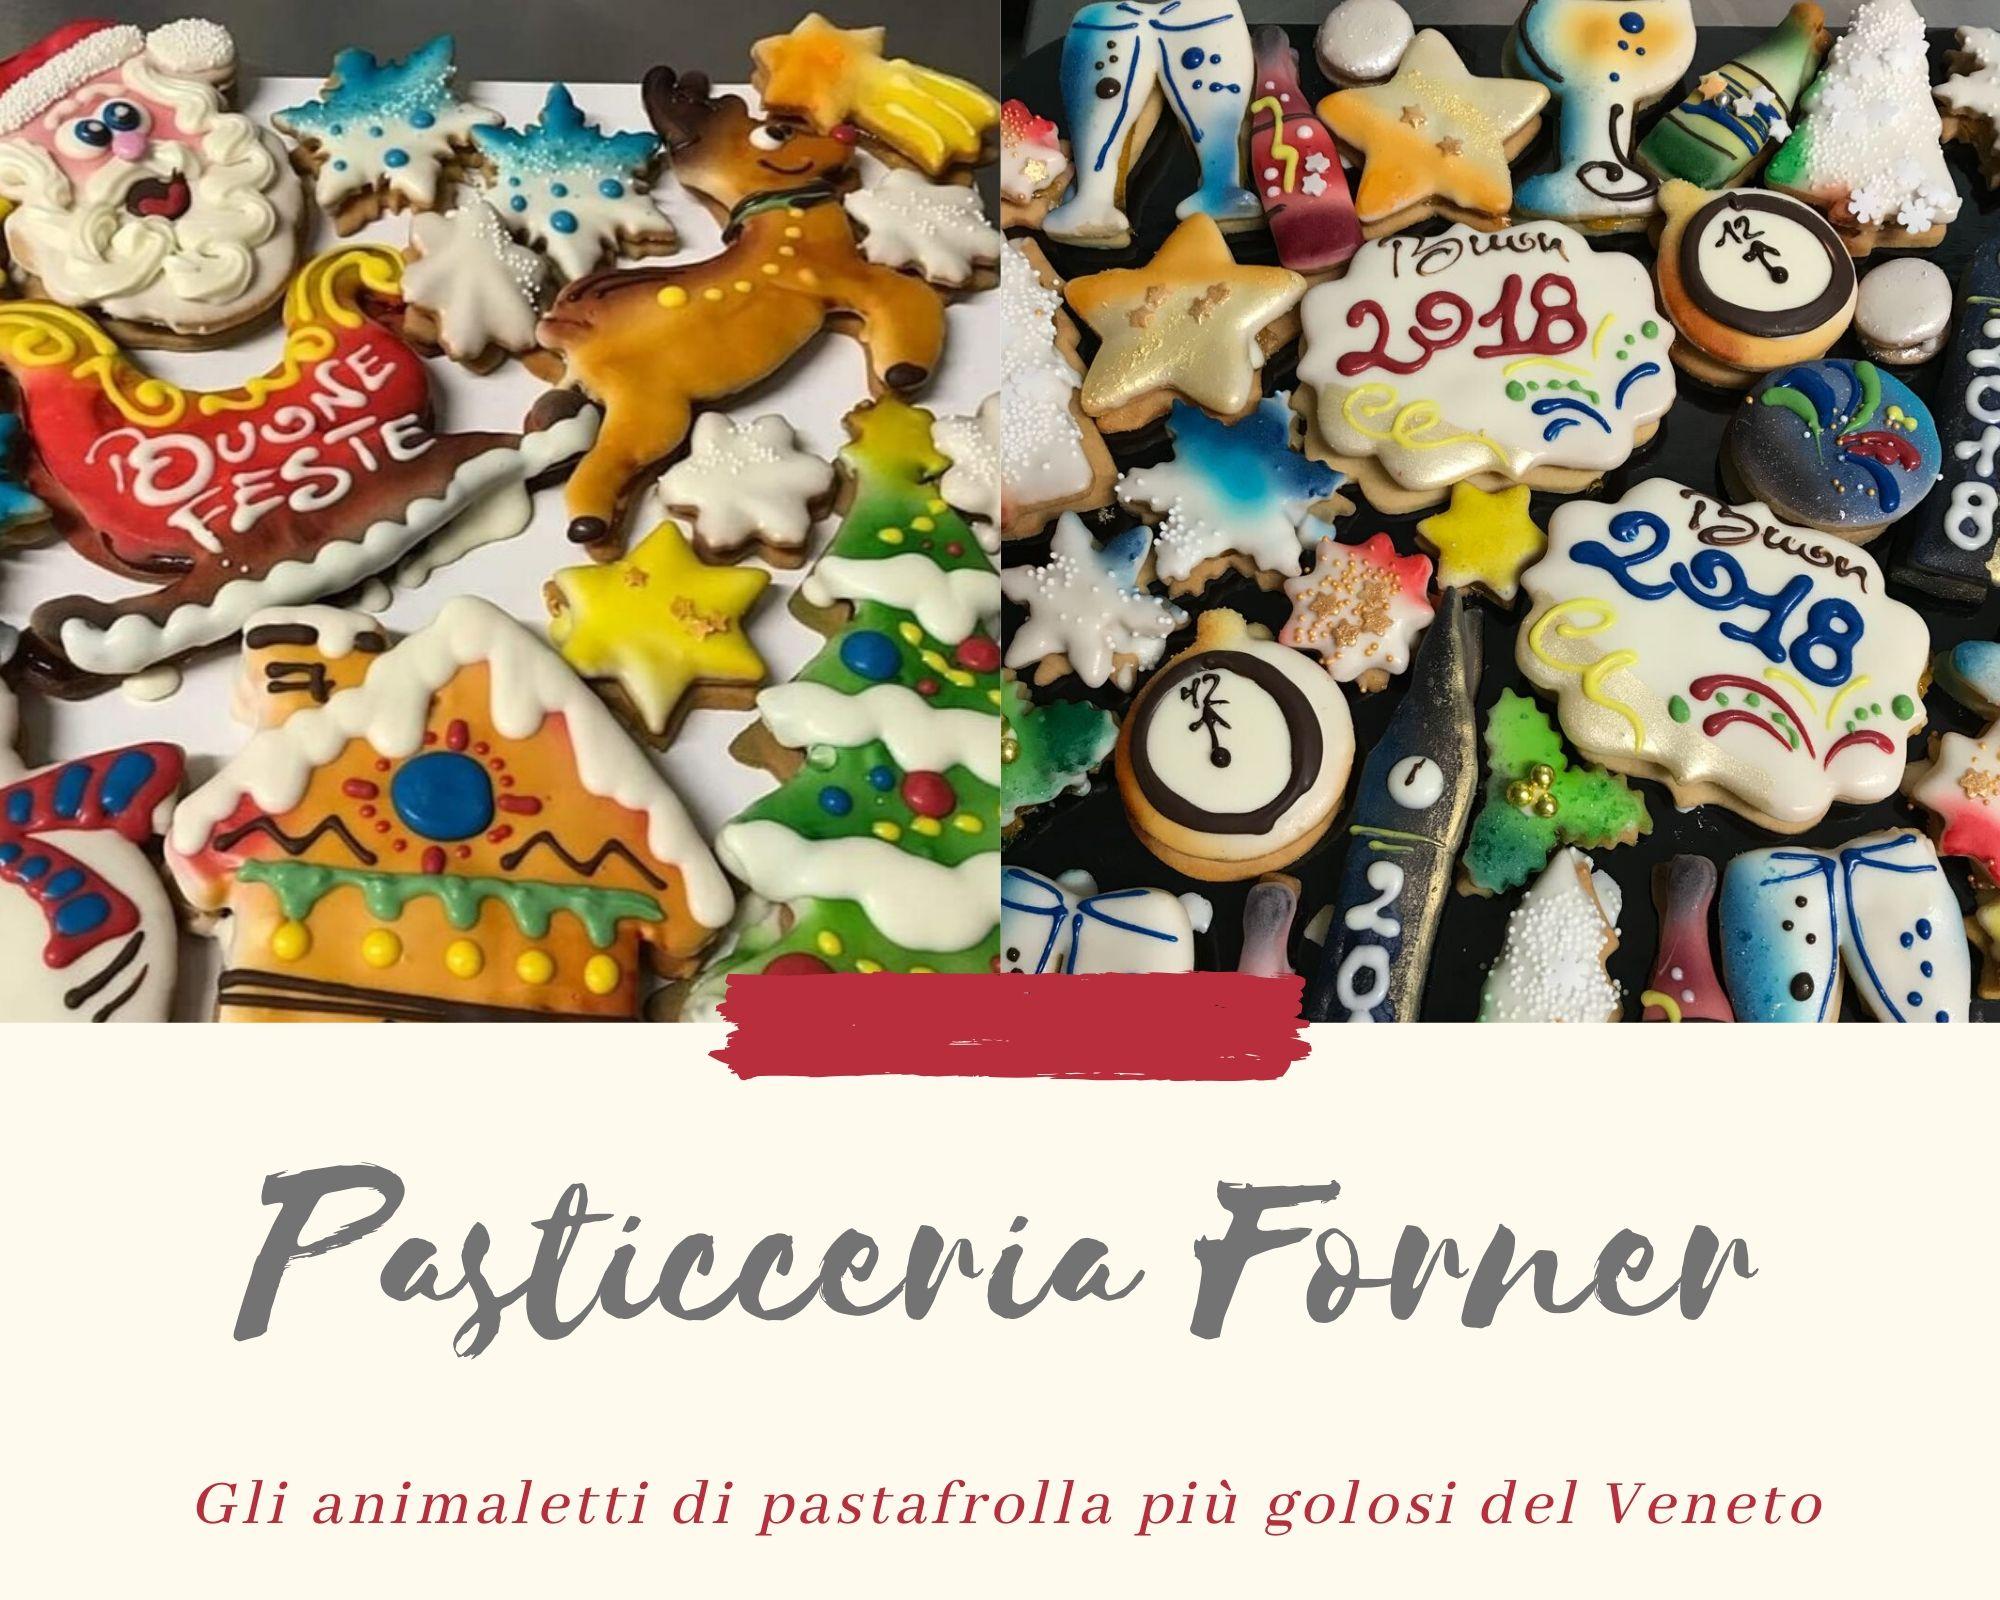 La Pasticceria Forner, storica Pasticceria di Oderzo in Provincia di Treviso, ha creato coloratissimi animaletti di pasta frolla glassata: nati per i bambini, sono speciali per tutti. Tutti li vogliono, in Veneto, in Italia e in Europa: merito di ingredienti selezionati e della fantasia di Paolo, il loro creatore